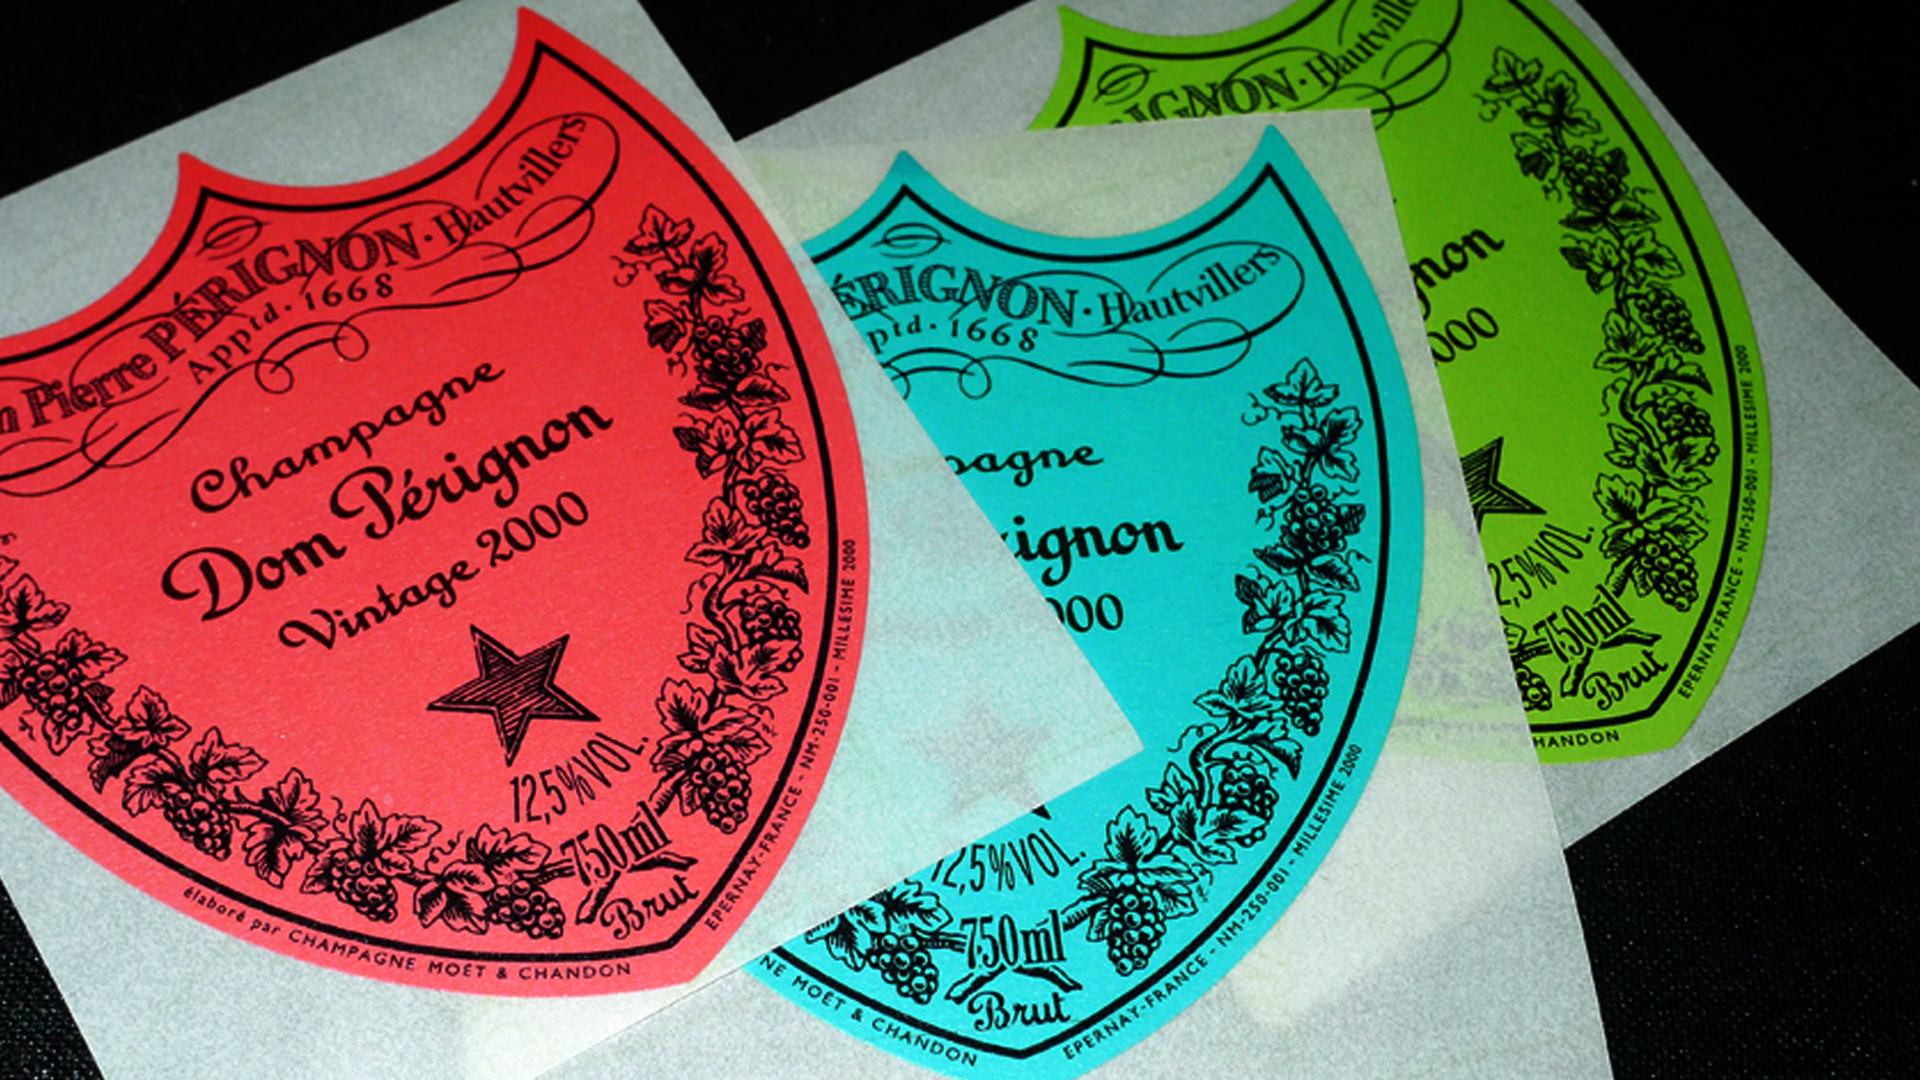 4K_Dom_Pérignon_0006_Details_2_Credits_C